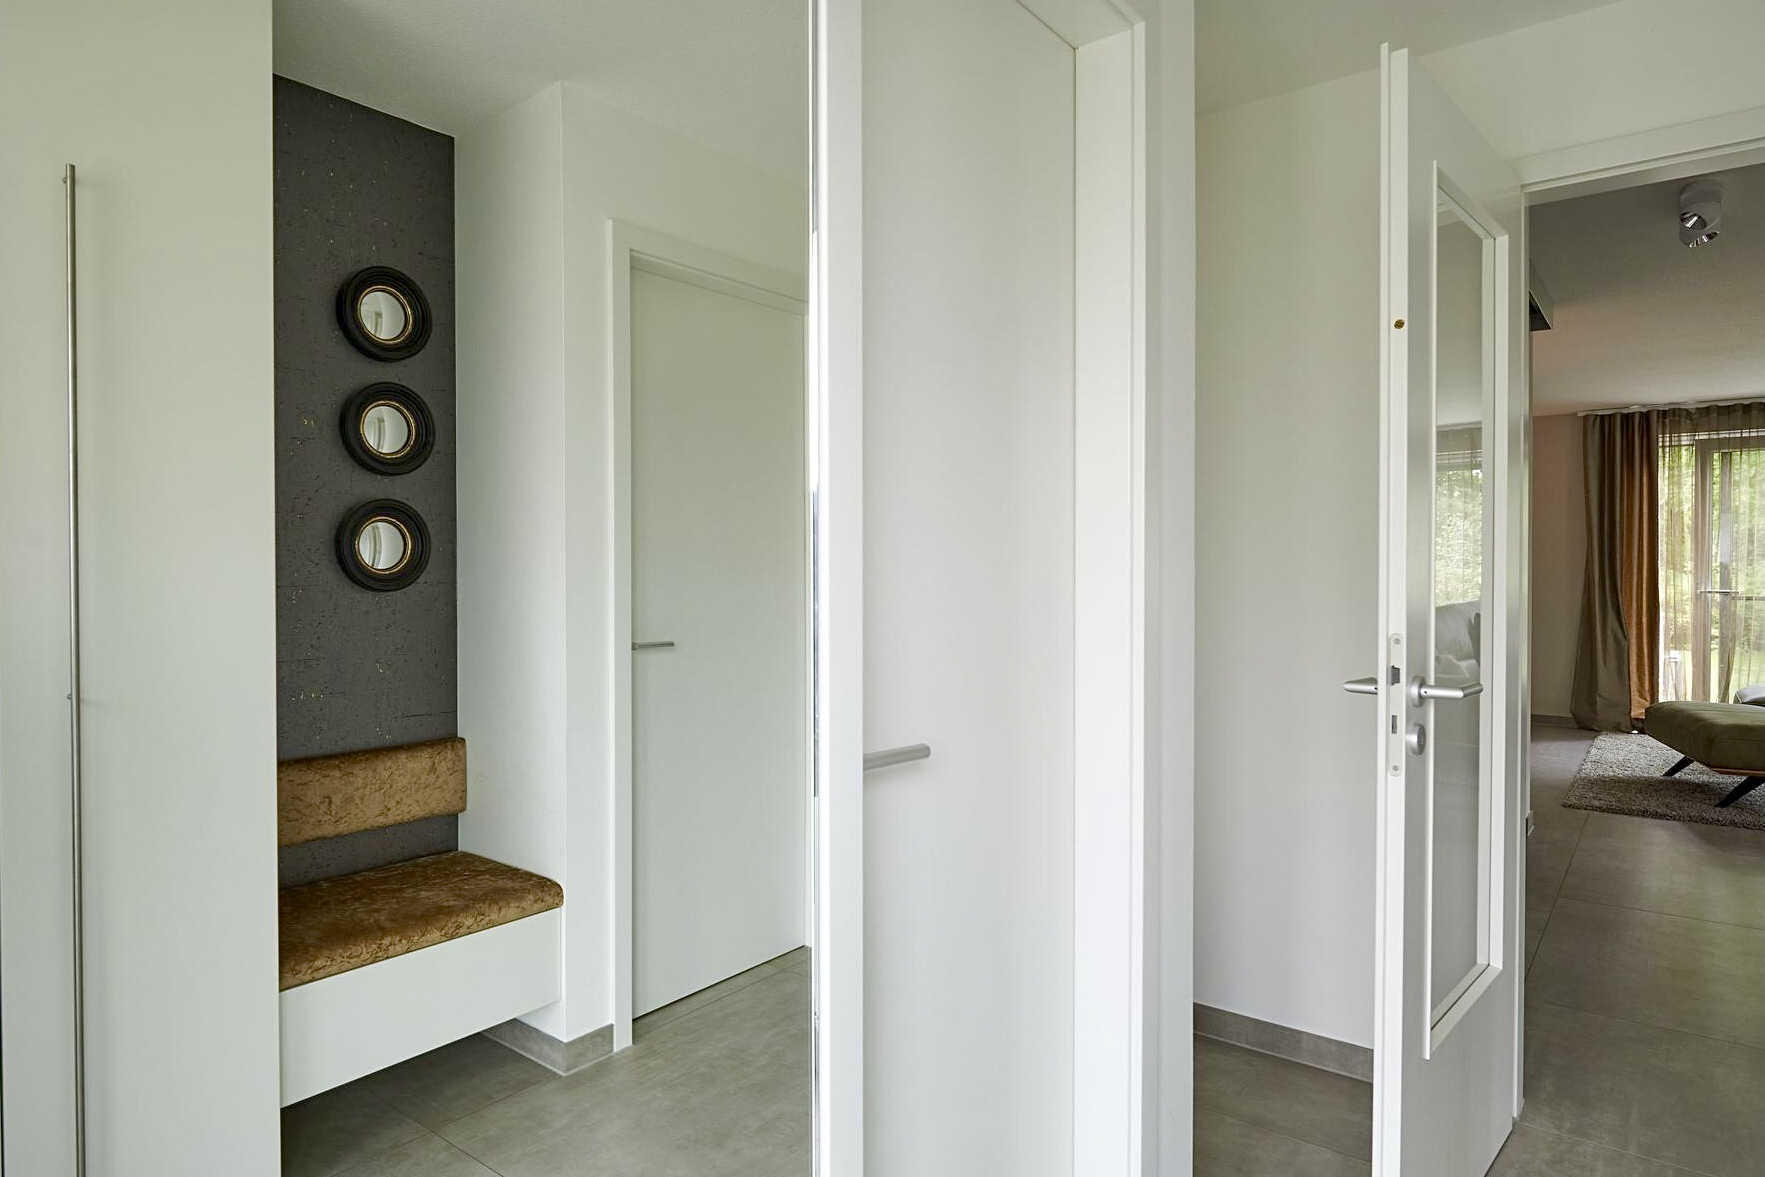 www.ideenraumgeben.de-renovierung-eines-wohnraums-mit-effektfeuer-60140951-695b-43b8-9204-2b98938c8141